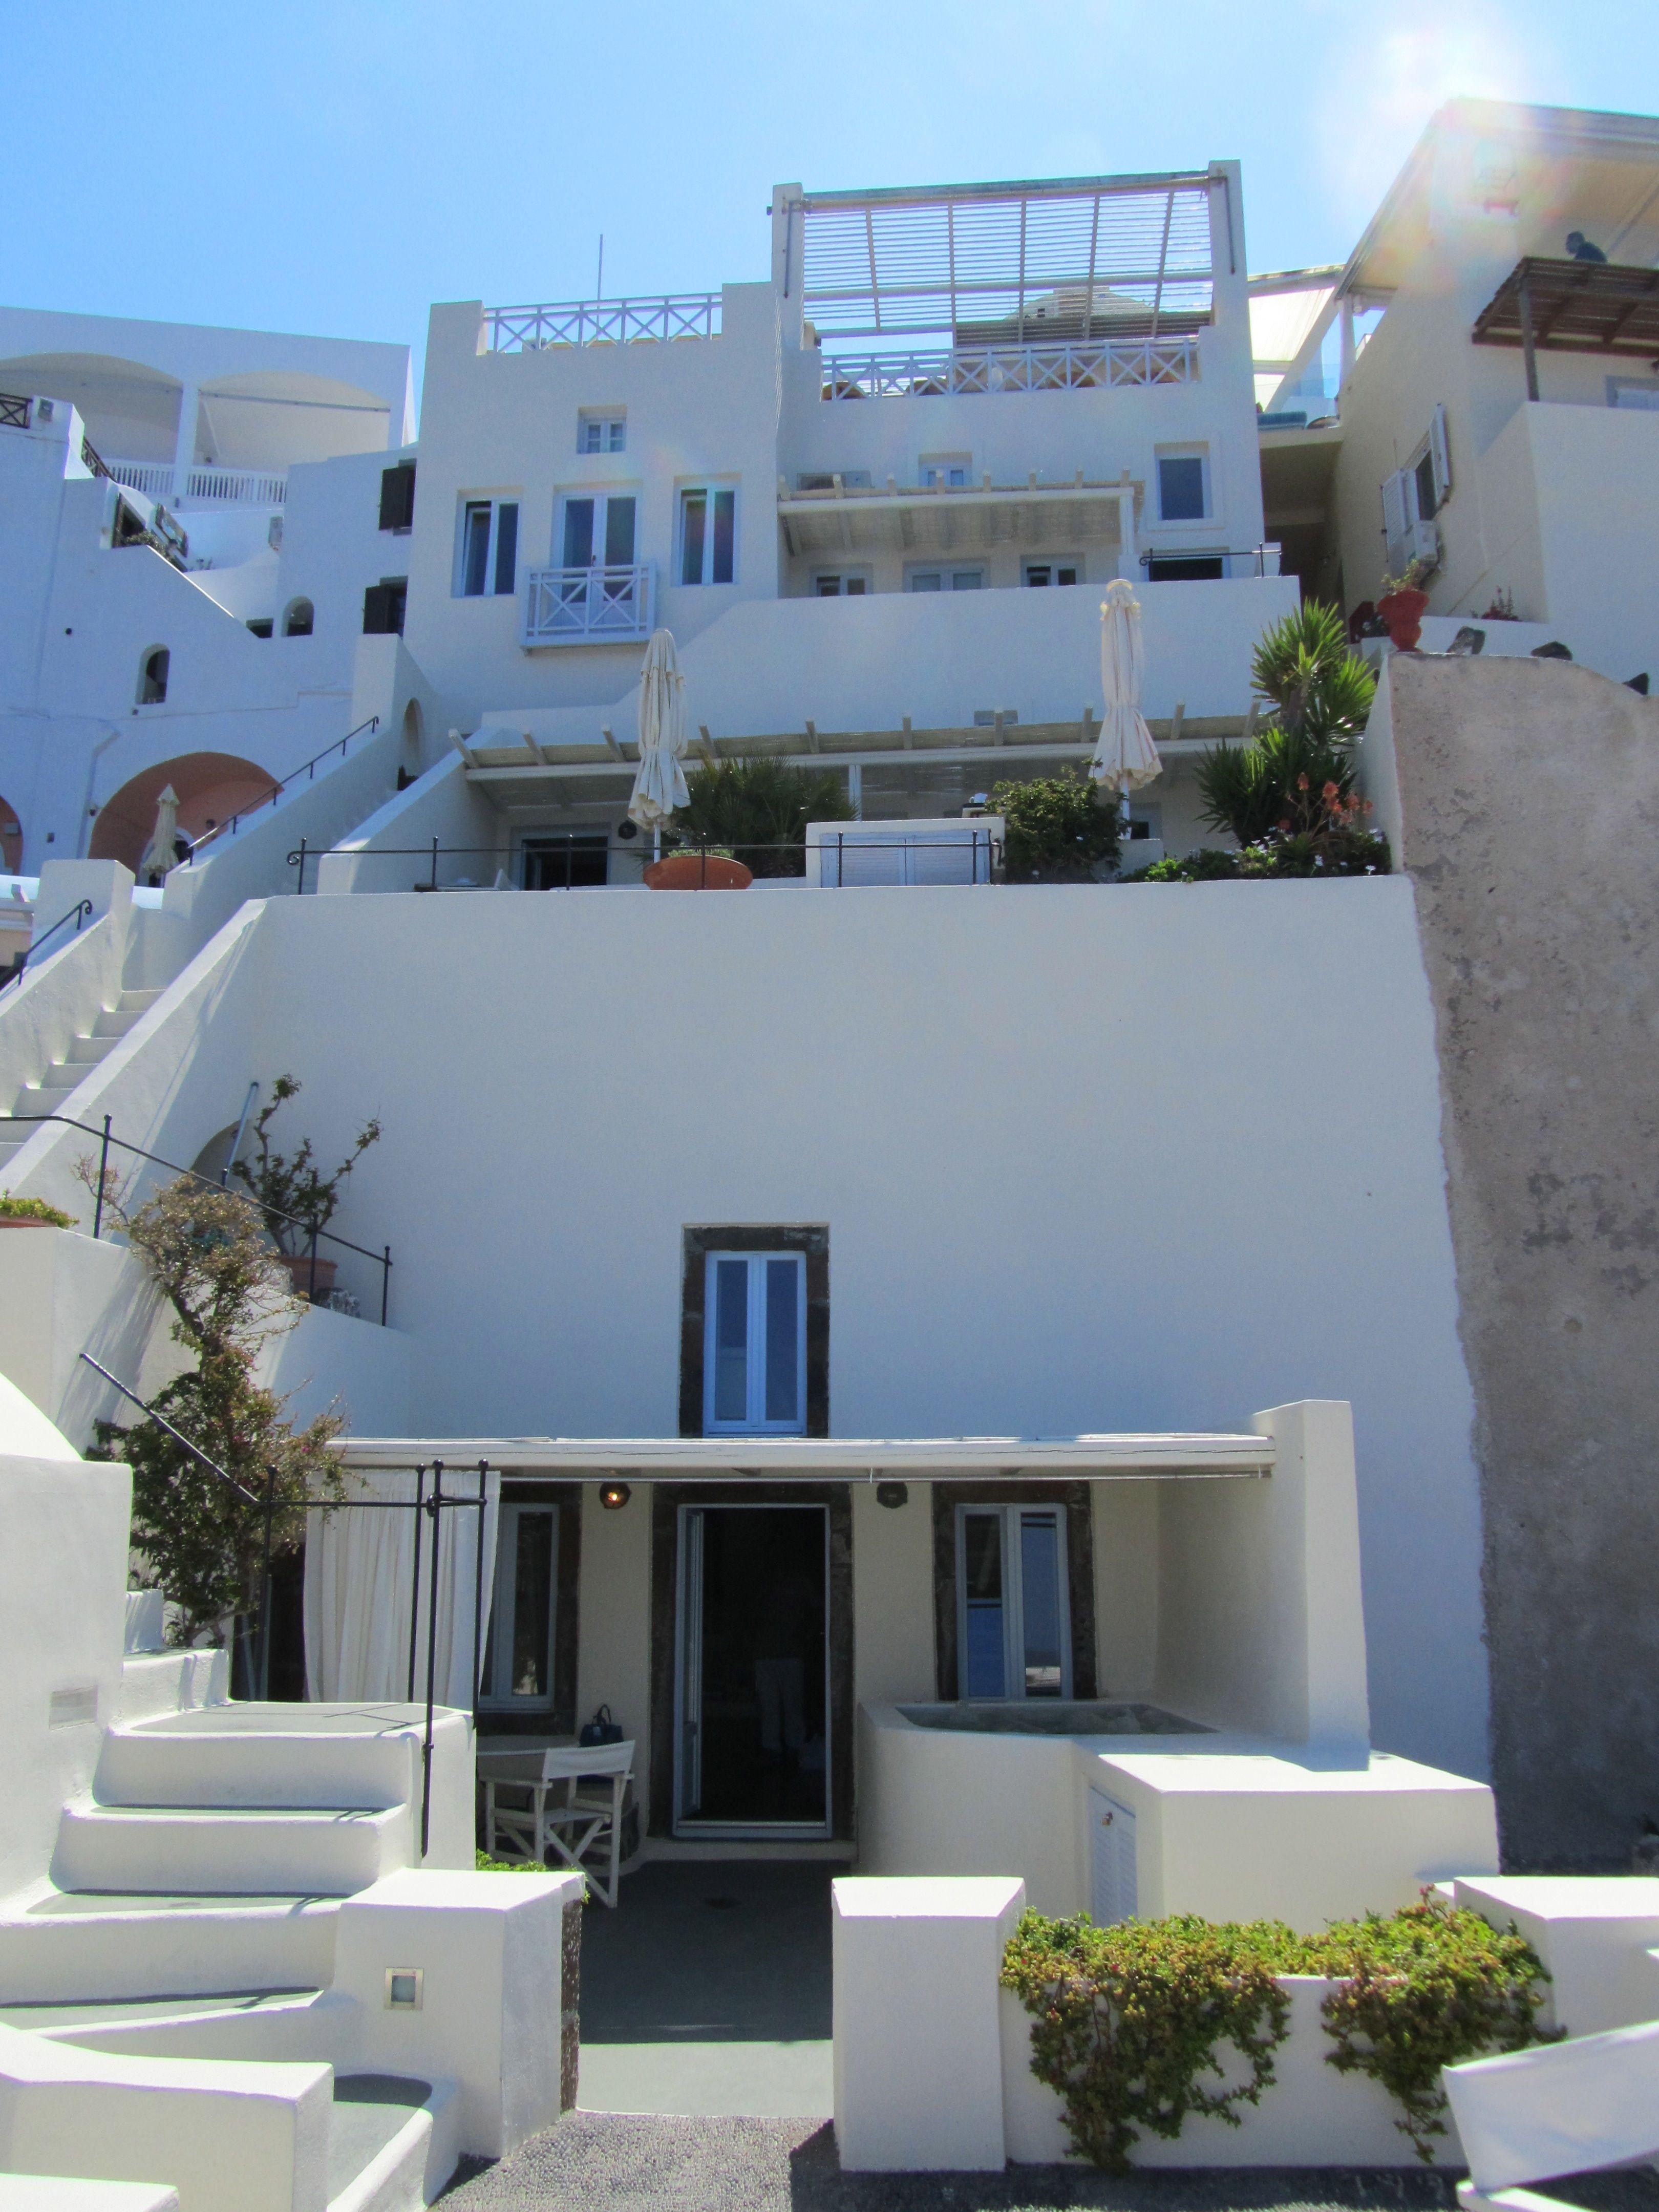 Enigma Apartment and Suites in Santorini